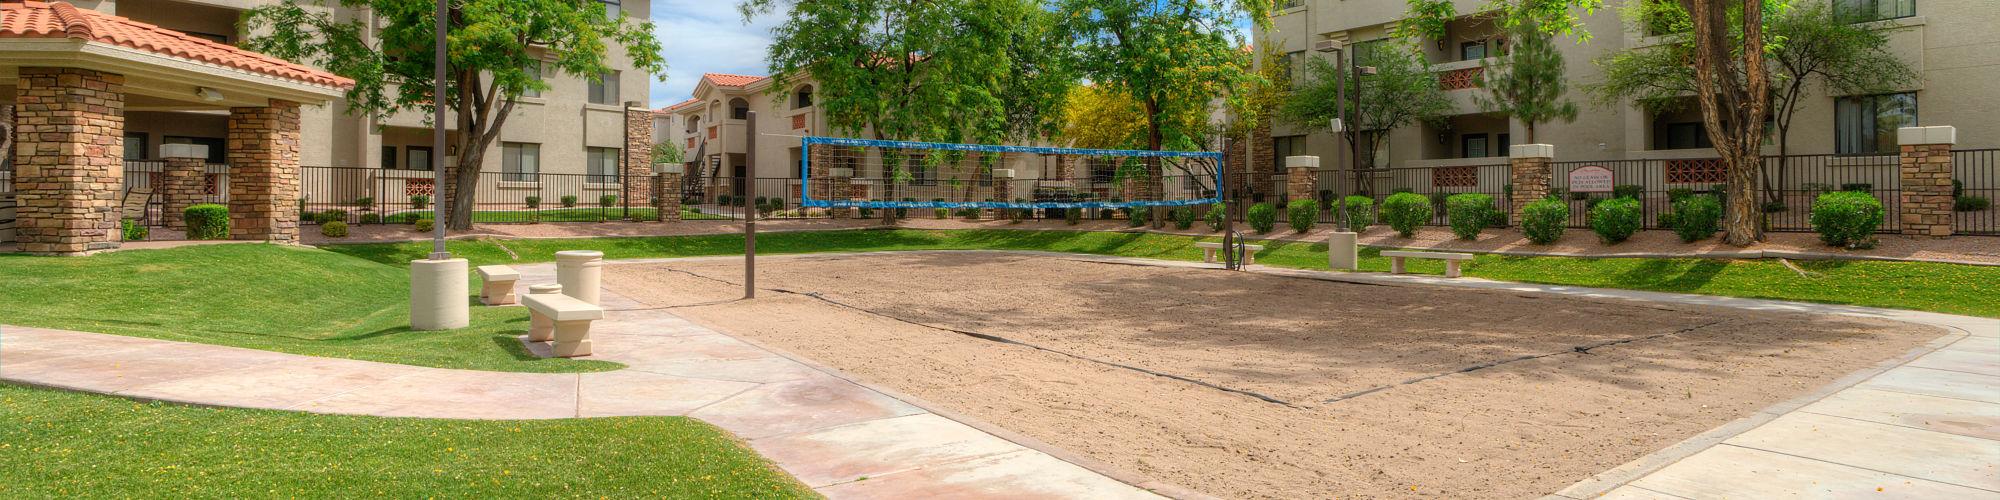 Amenities at San Marbeya in Tempe, Arizona